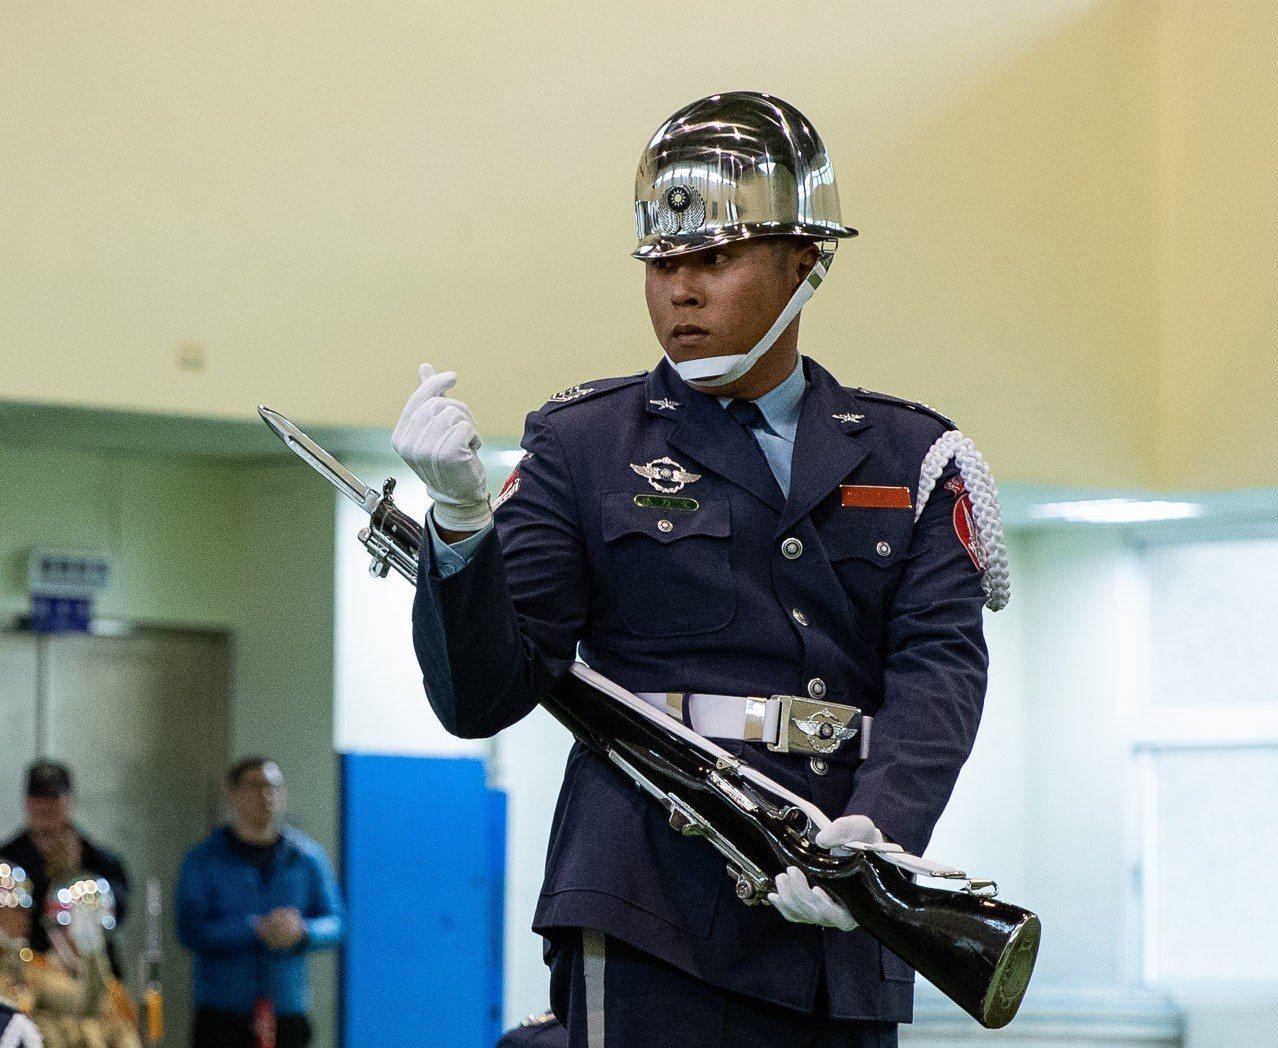 空軍儀隊此次在編排中加入交際舞步與時下流行的小愛心手勢,在創意項目評比中取得高分...